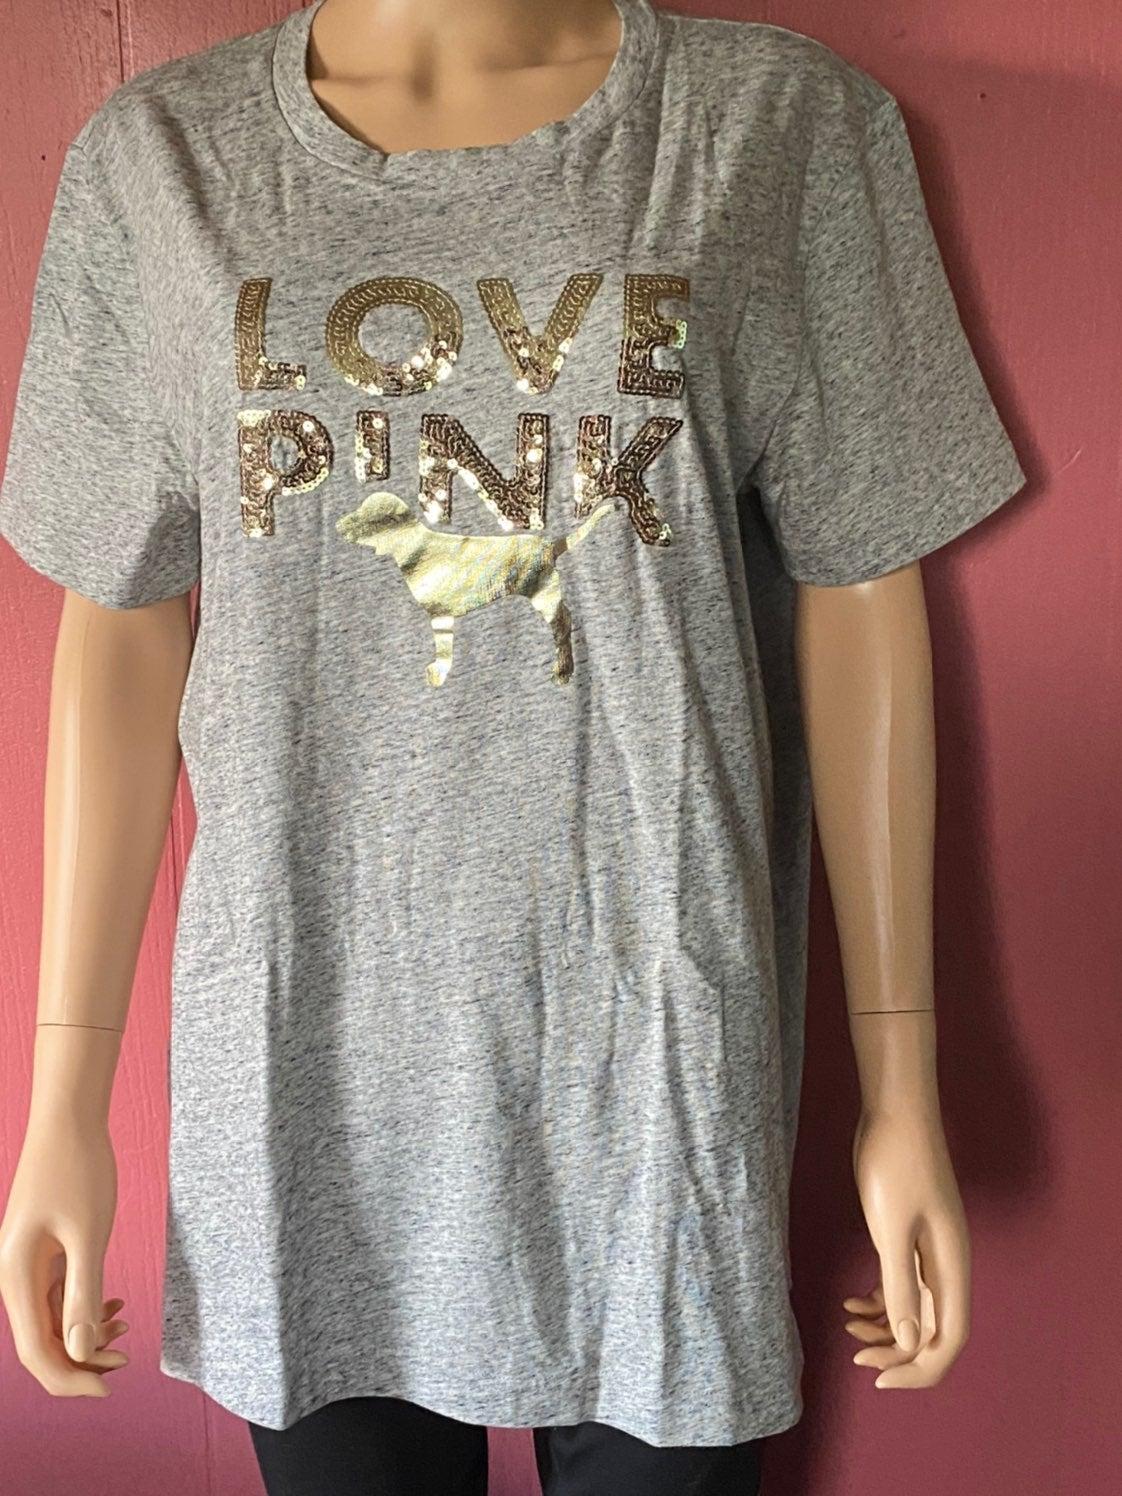 VS Pink Bling campus tee shirt large